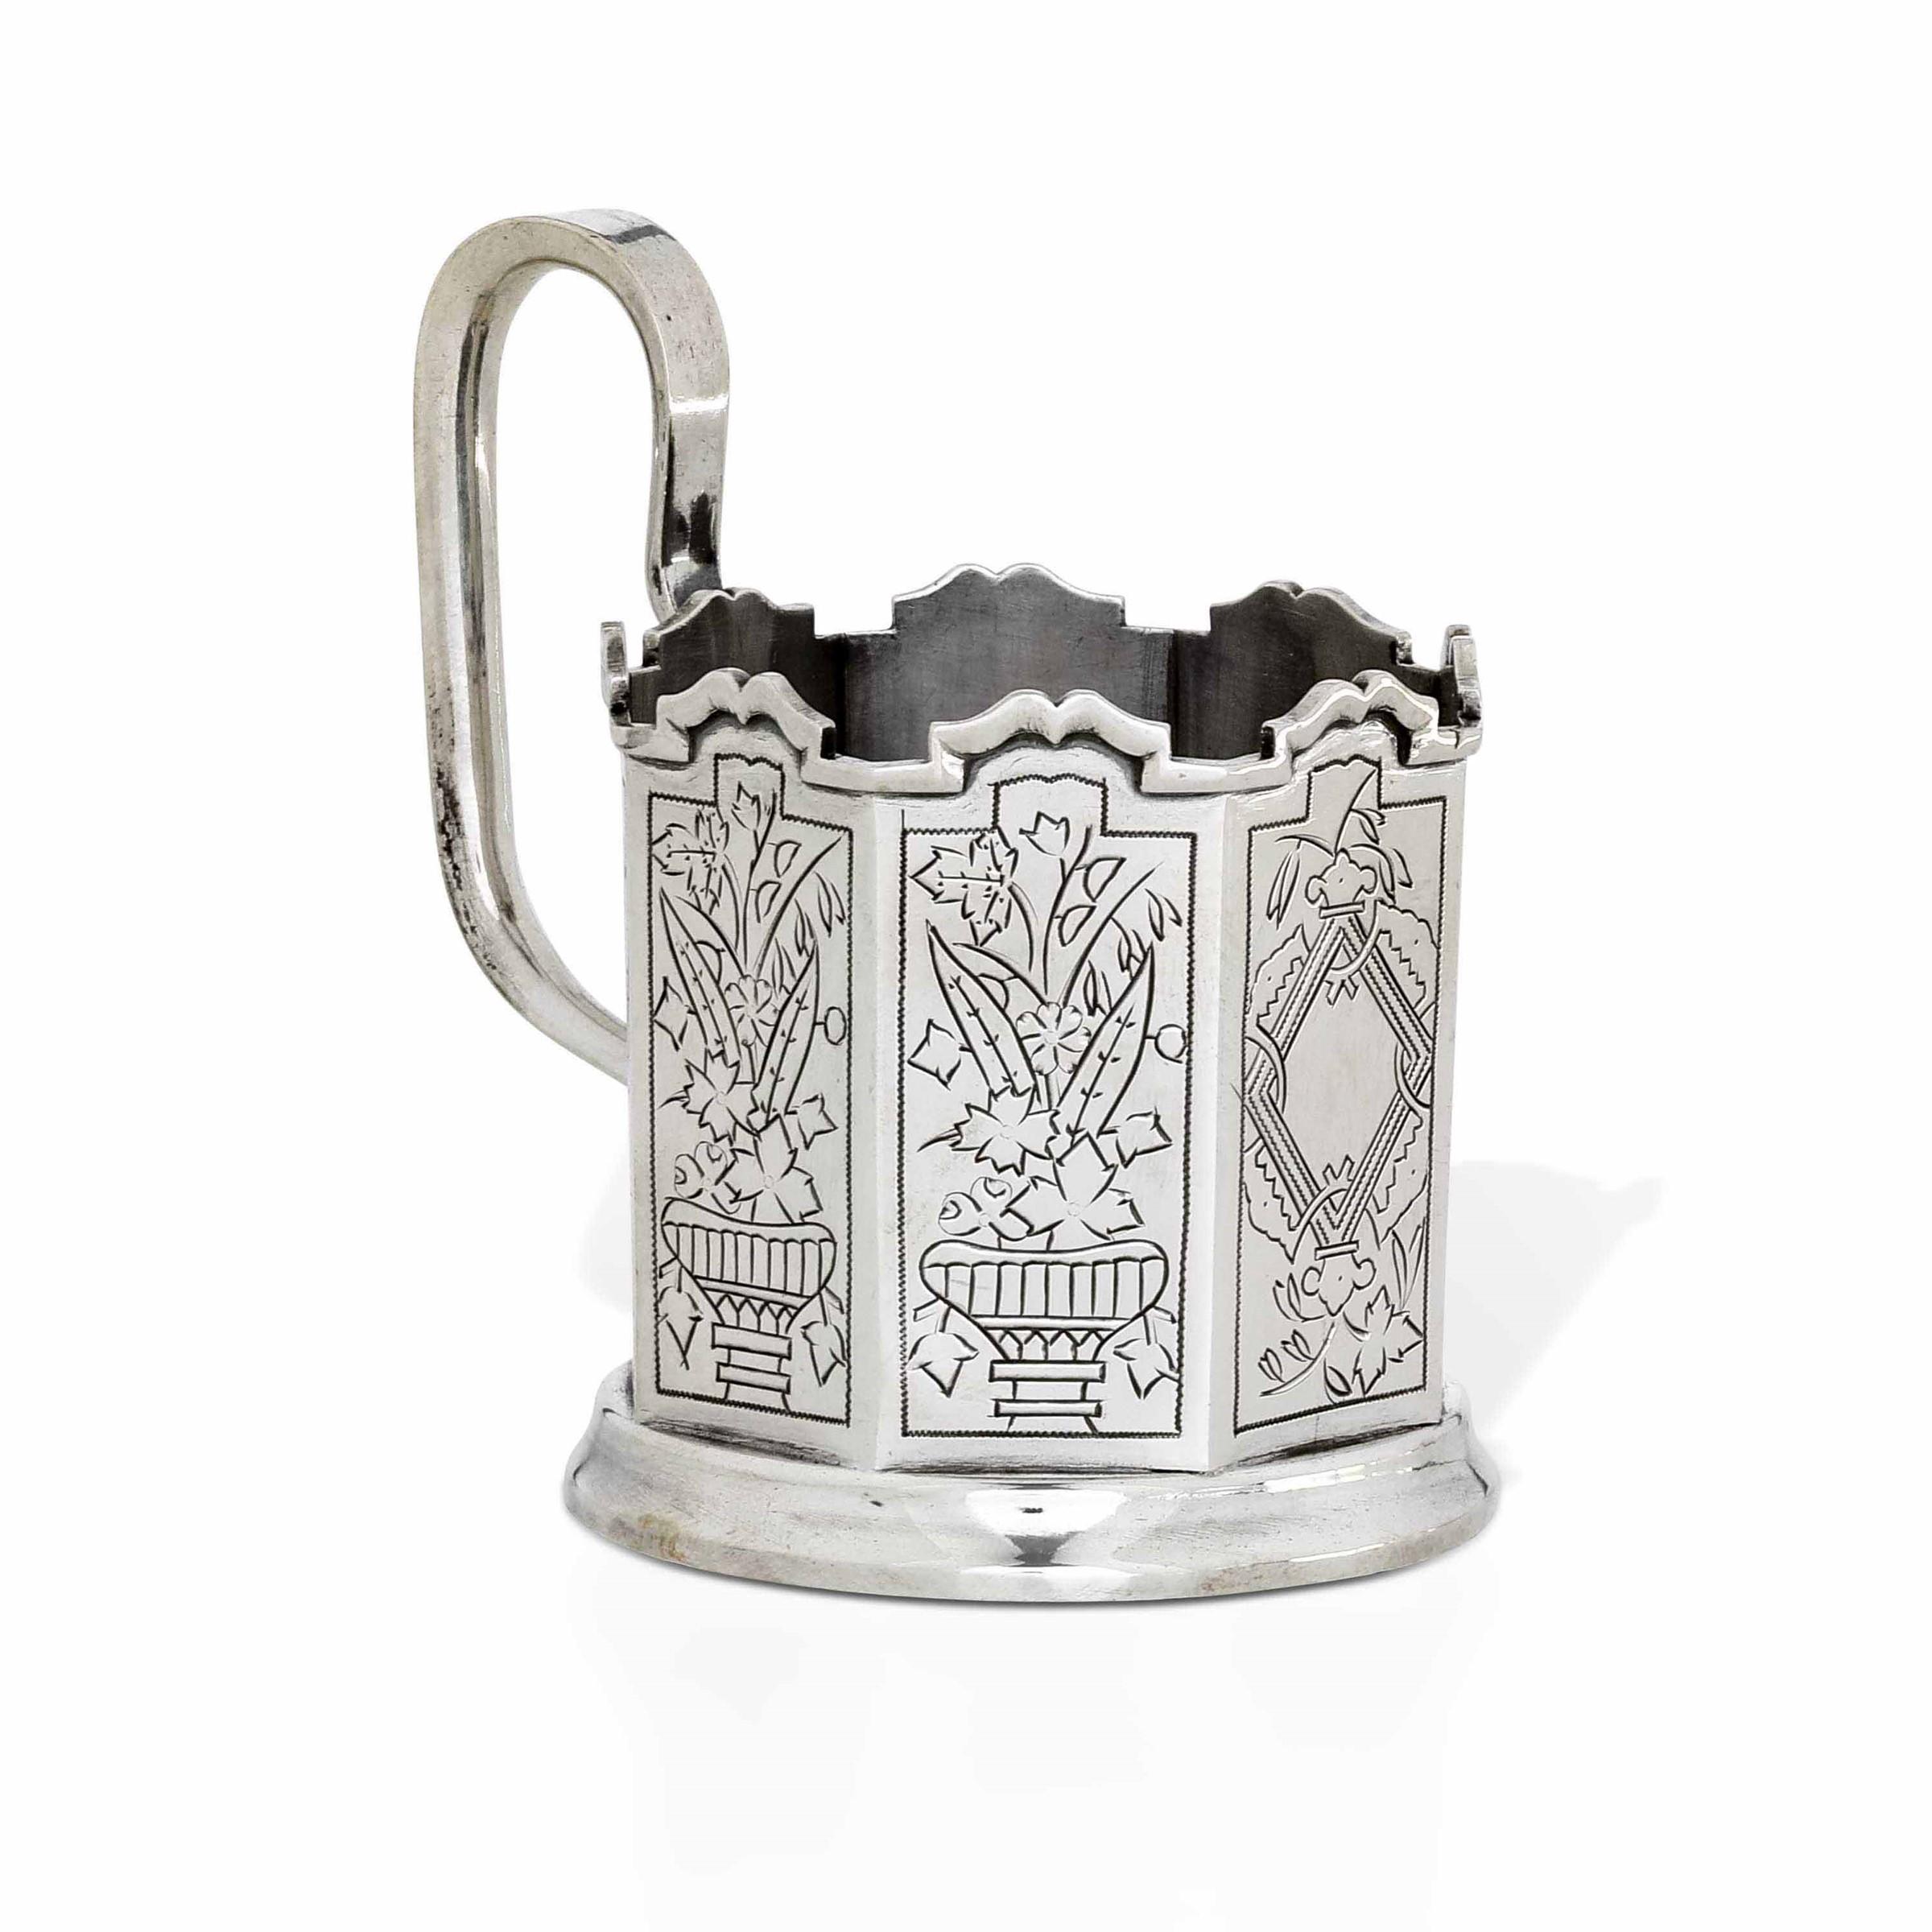 Porta tazza ottagonale in argento inciso a mano con motivi tradizionali. Russia [...]